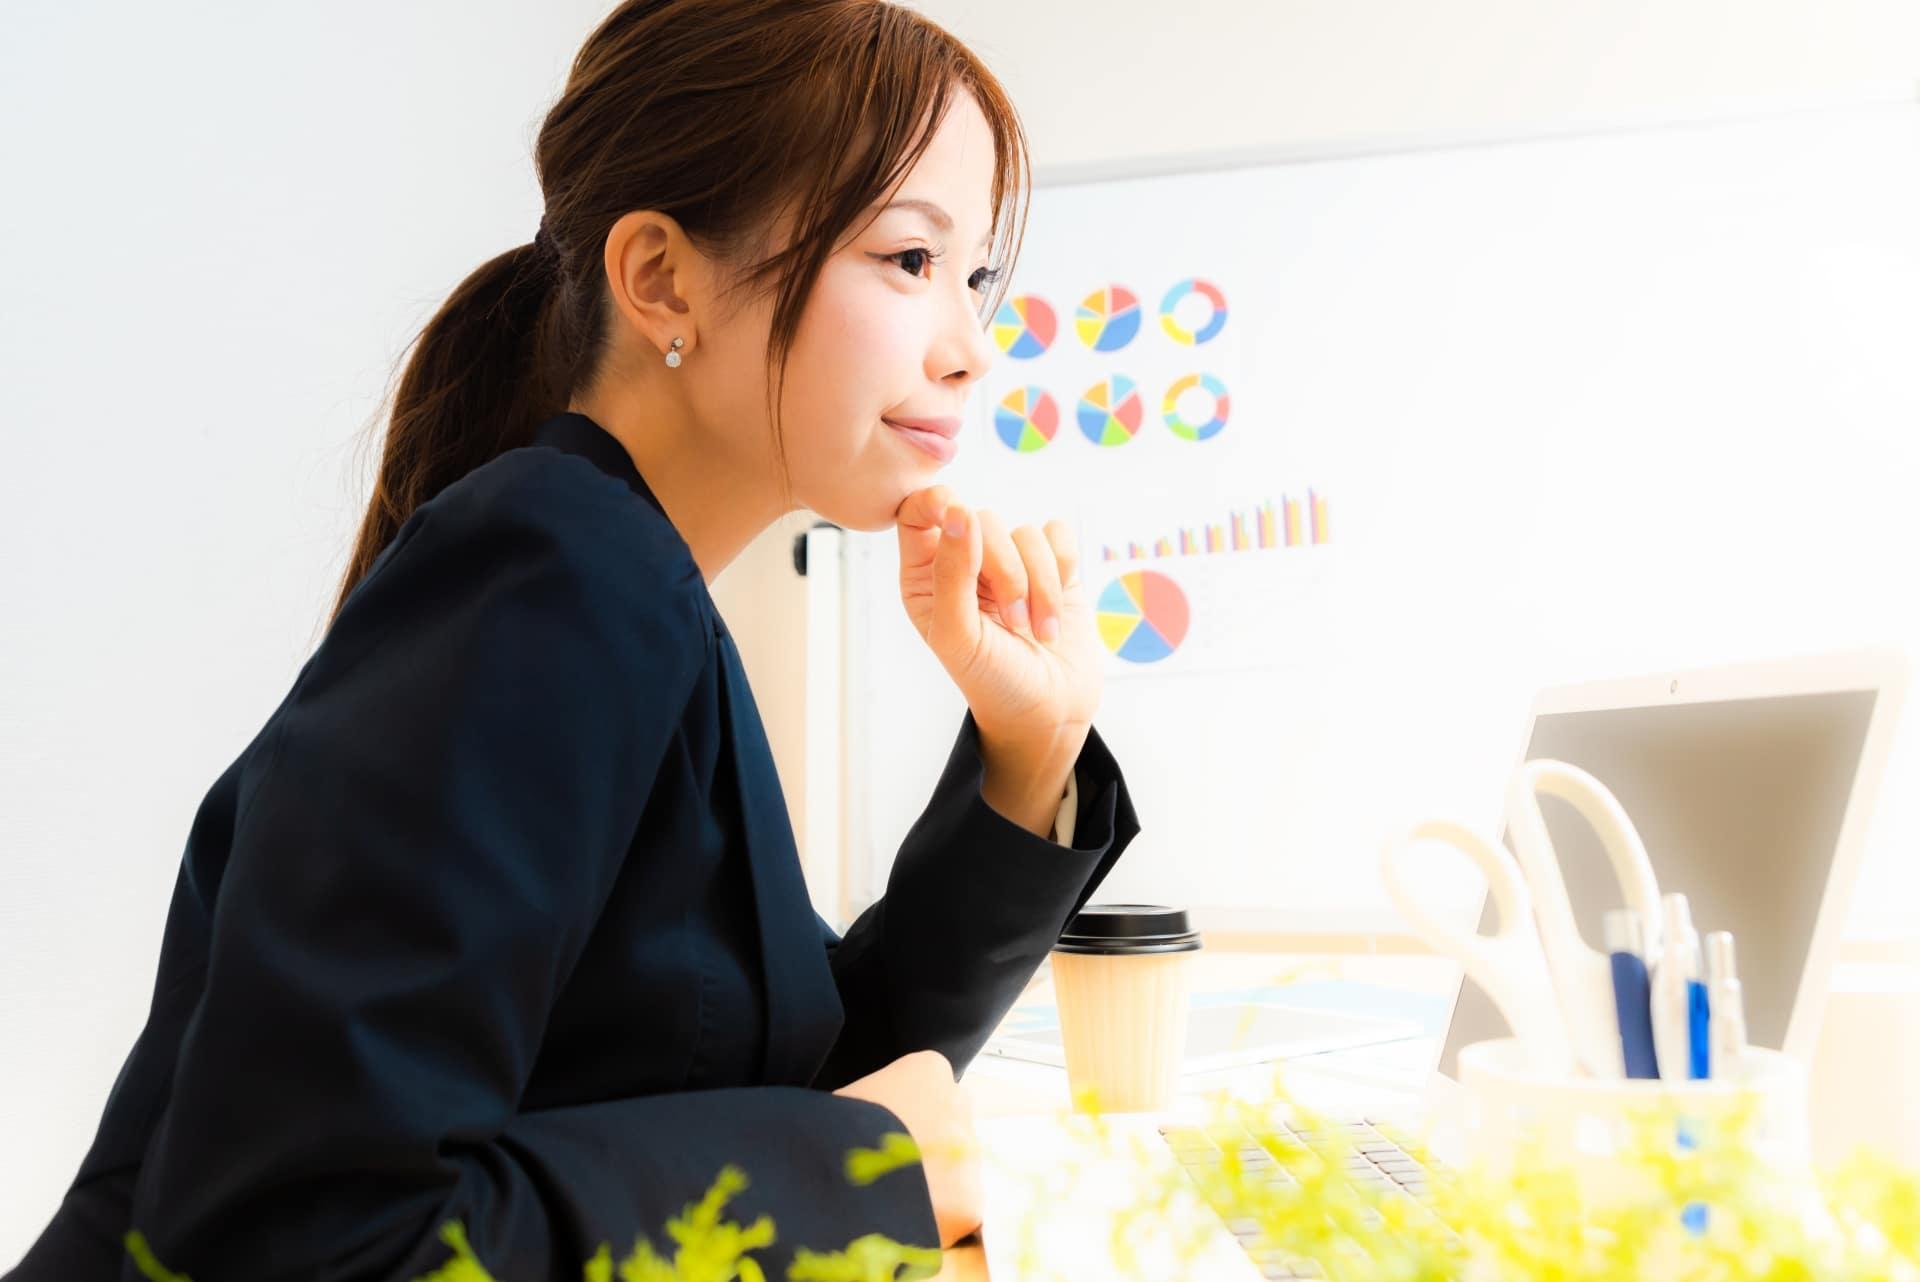 考える女性、企画発案